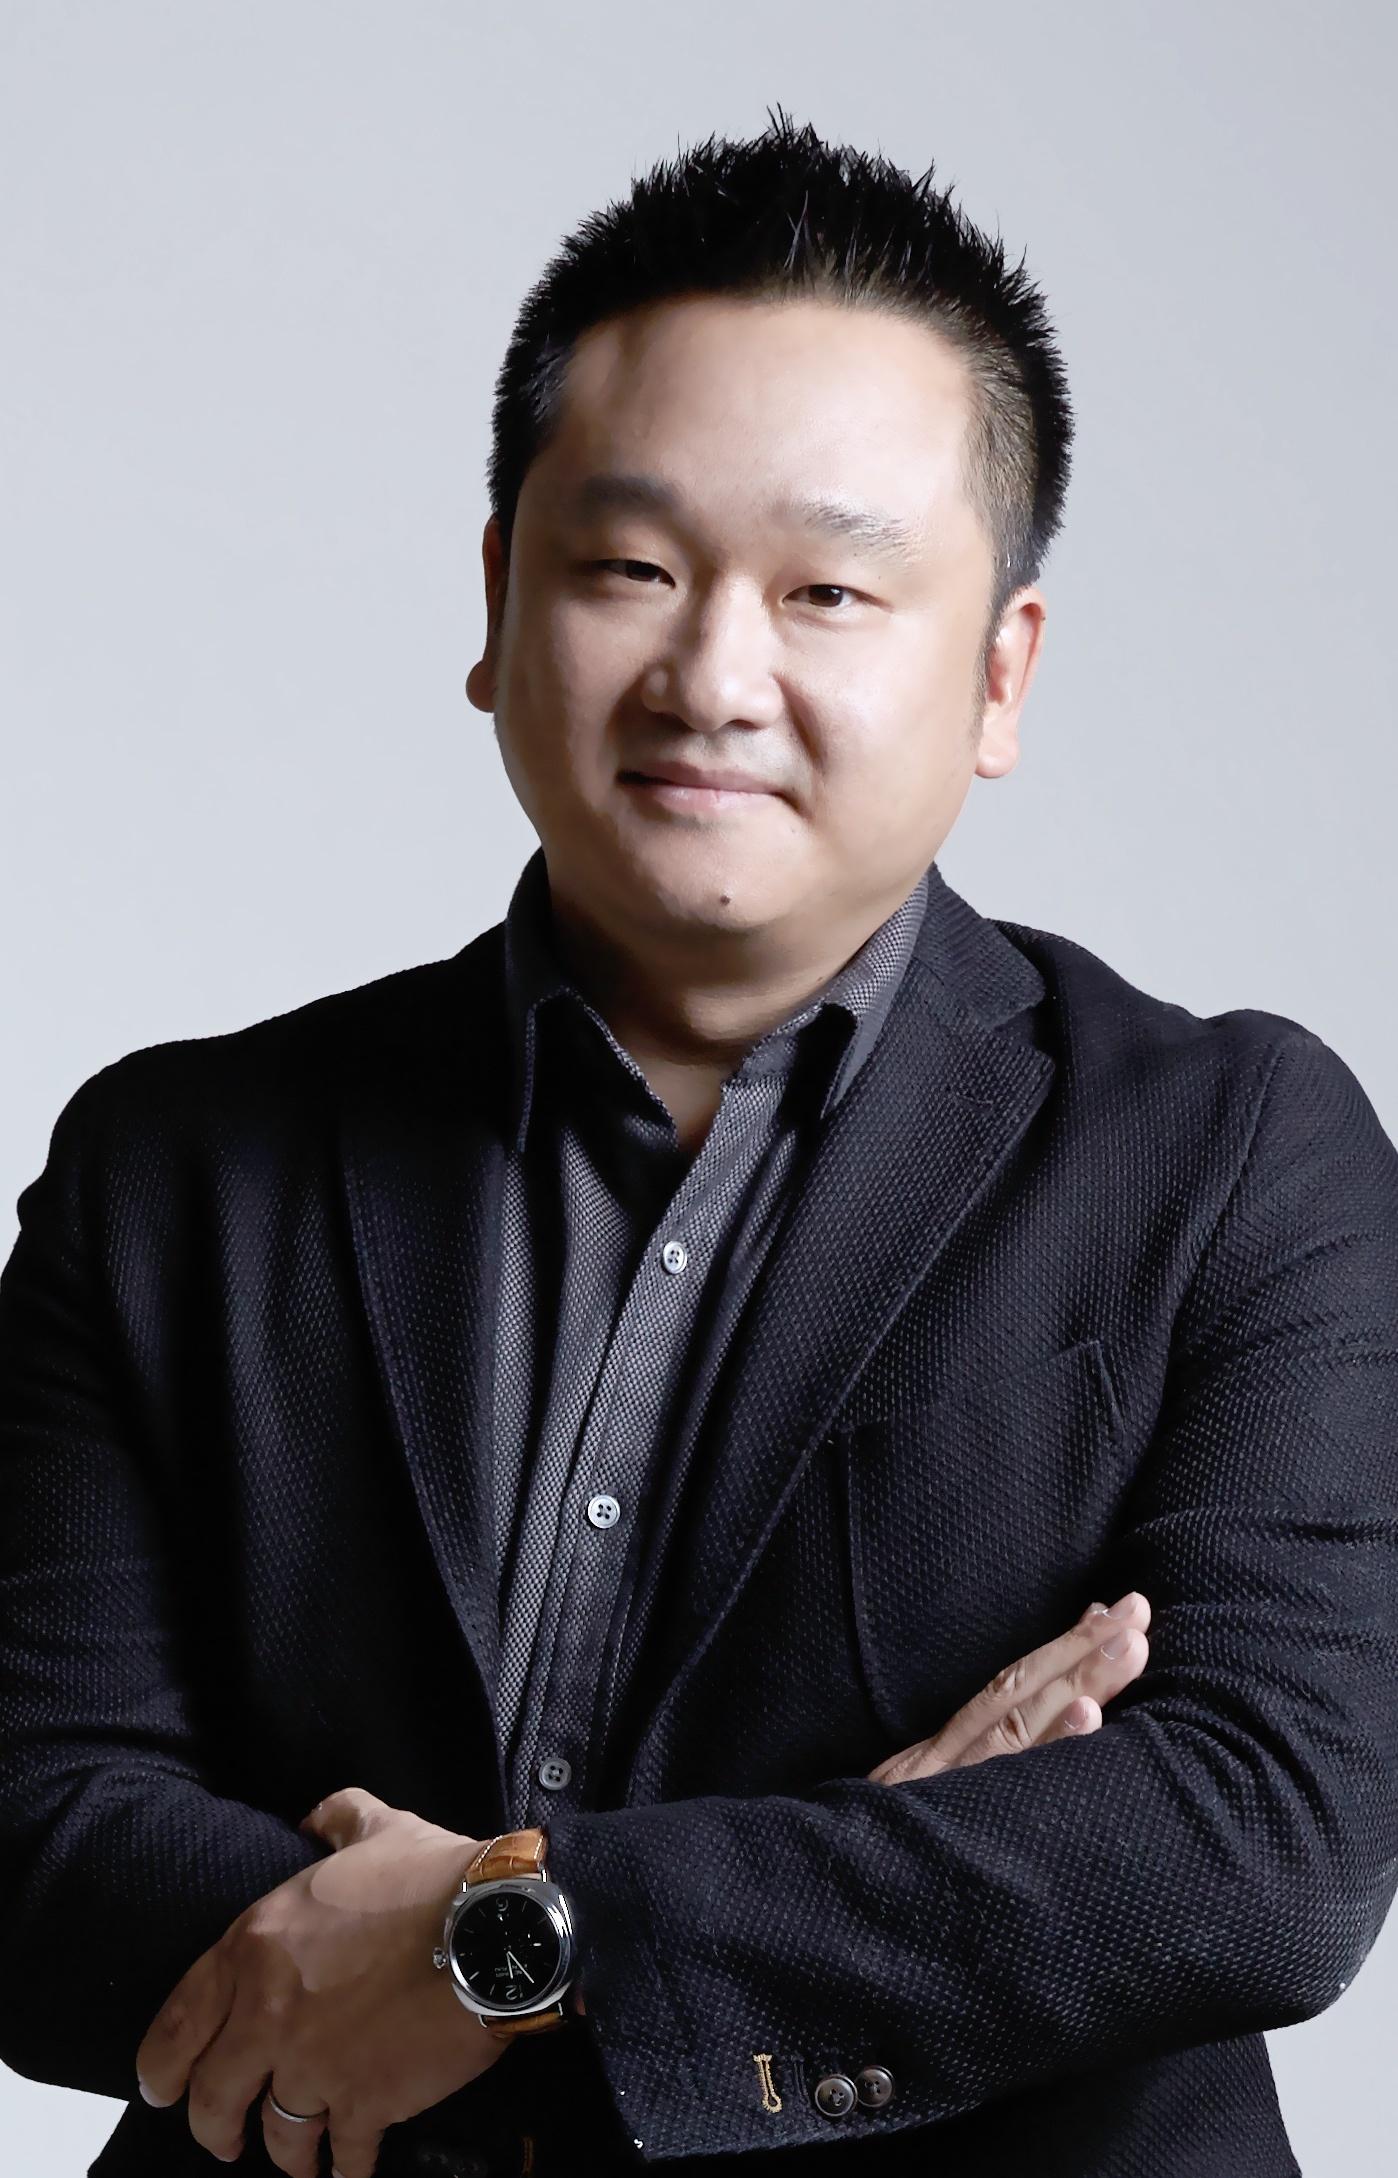 Kuldej Paul Sinthawanarong